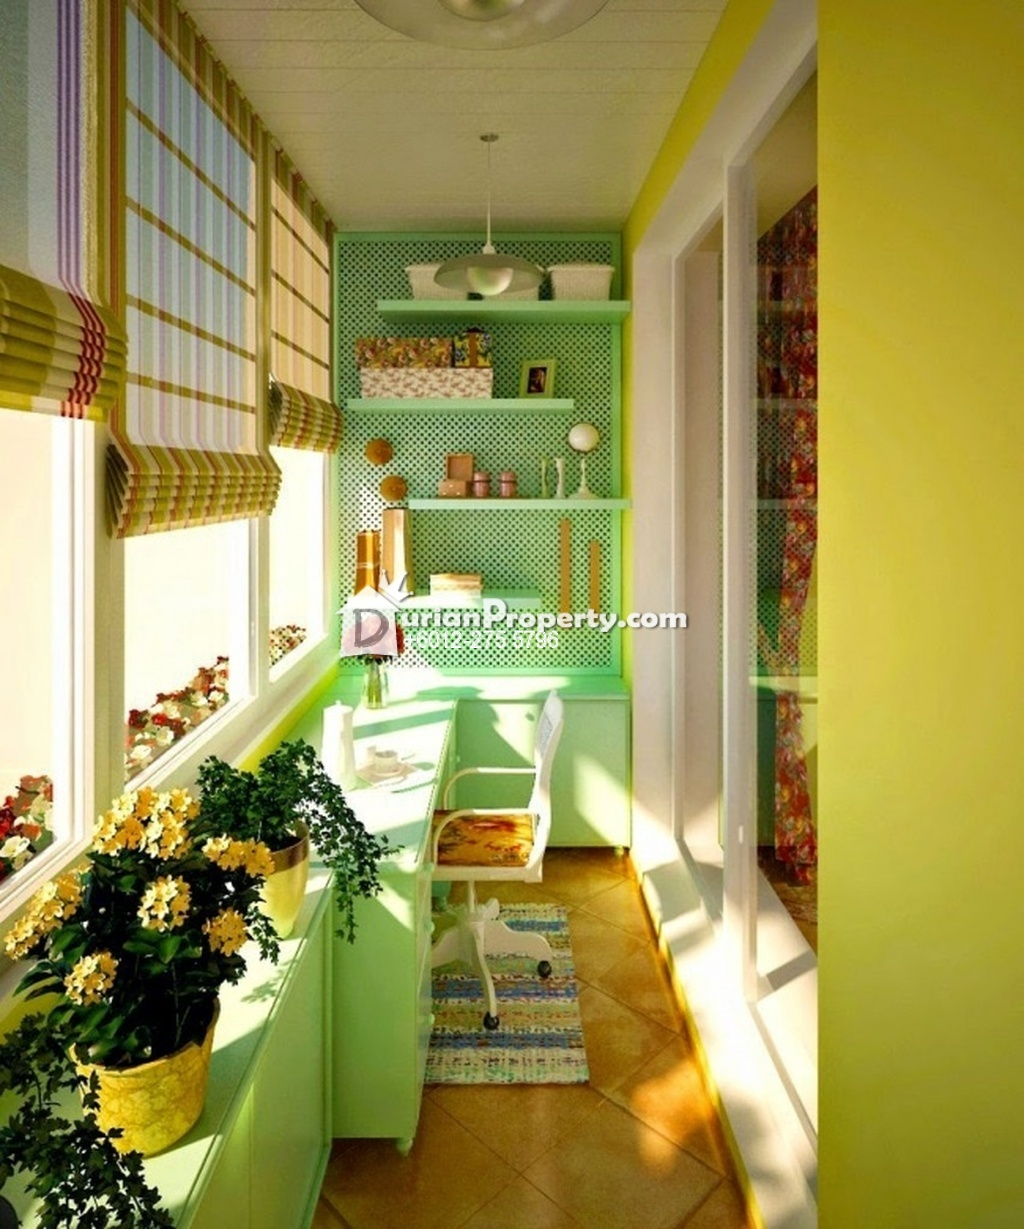 Уютный дом: 20 идей обустройства балкона.